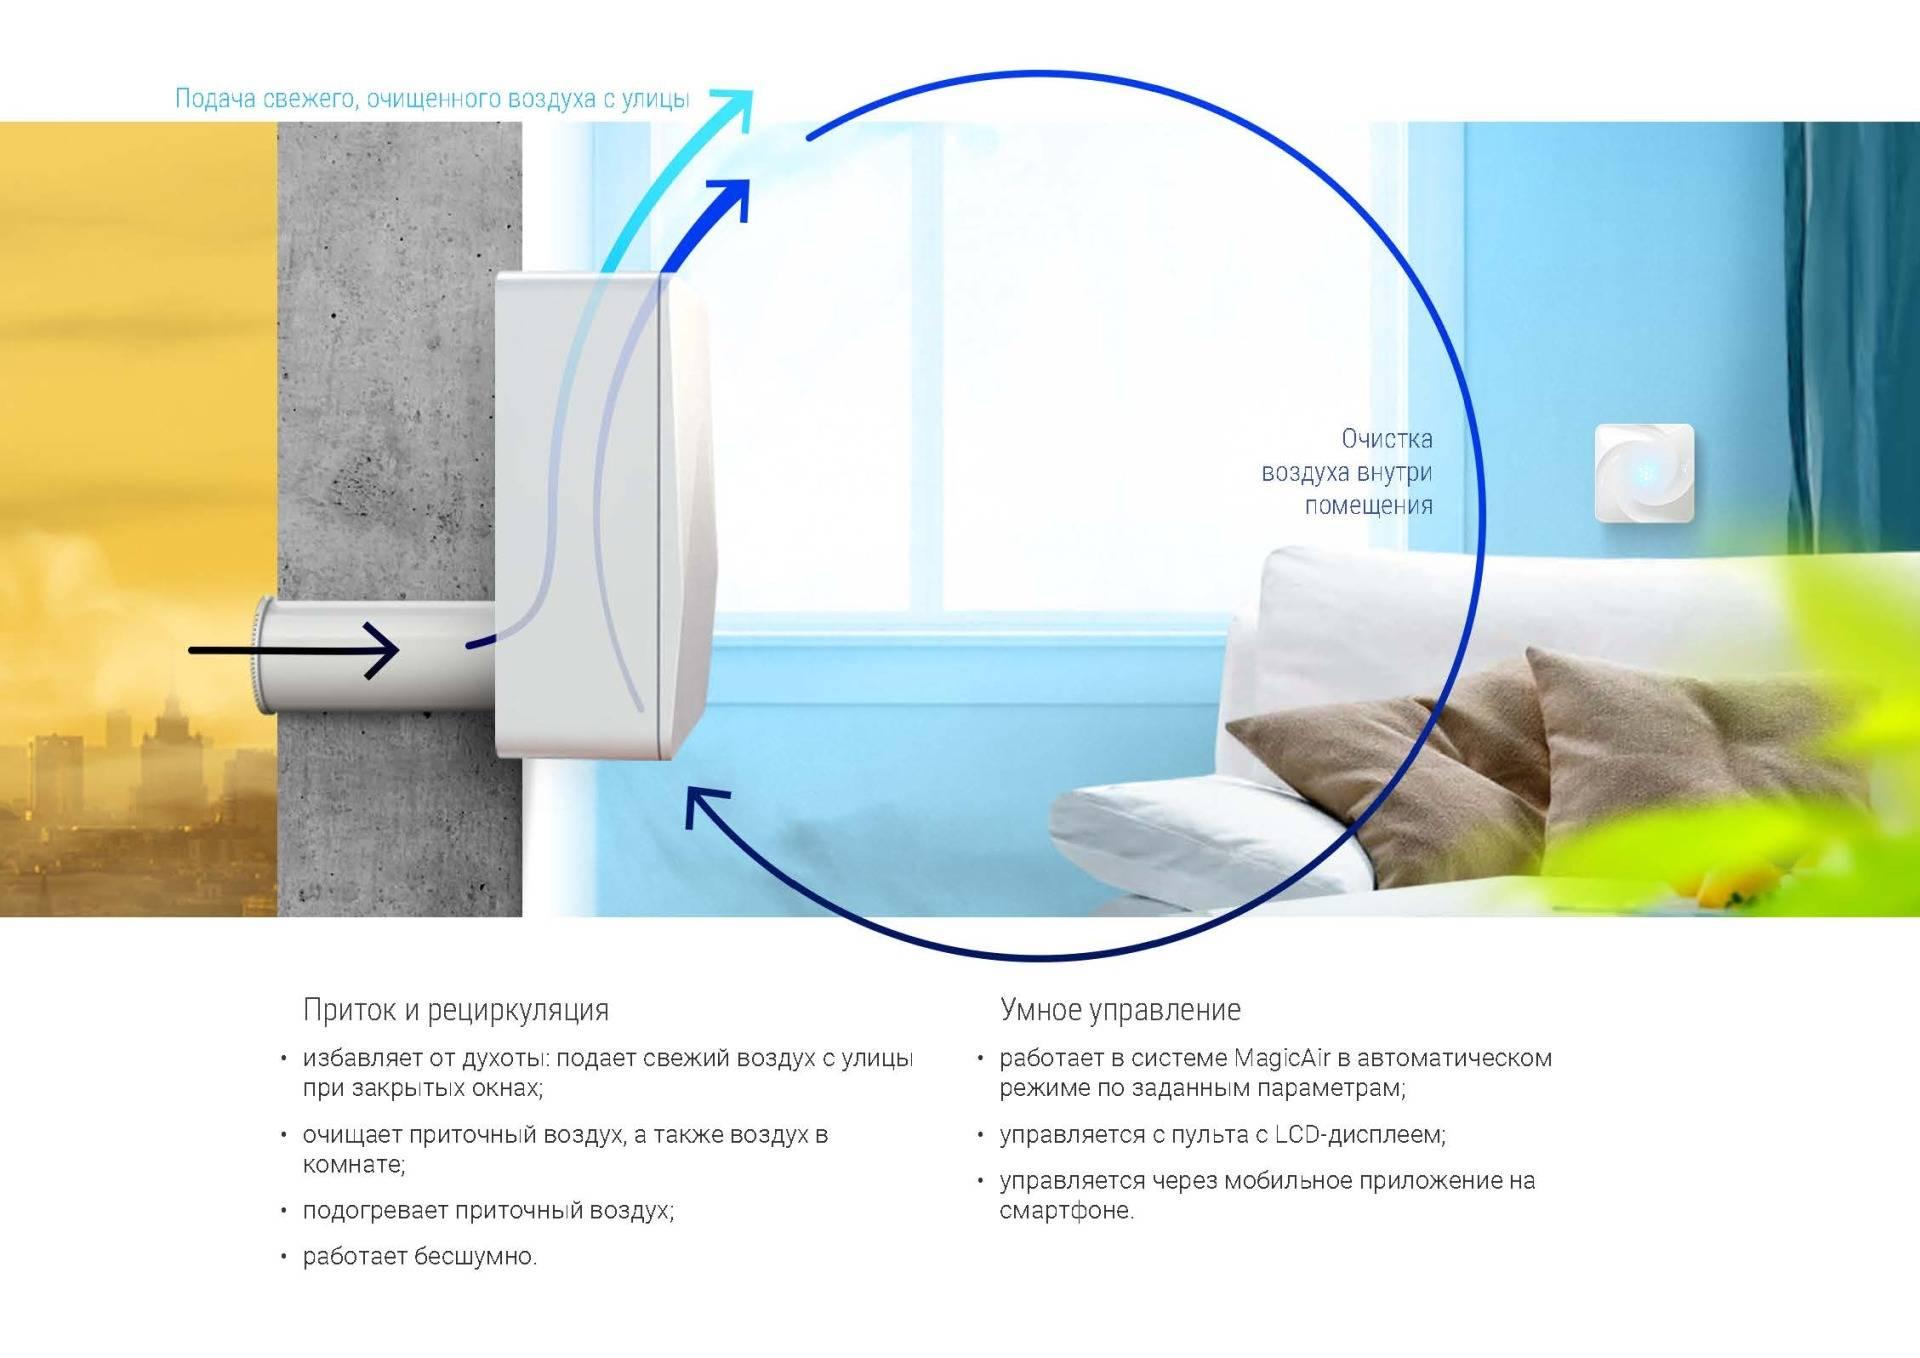 Кондиционер с притоком свежего воздуха: устройство и выбор приточной сплит-системы